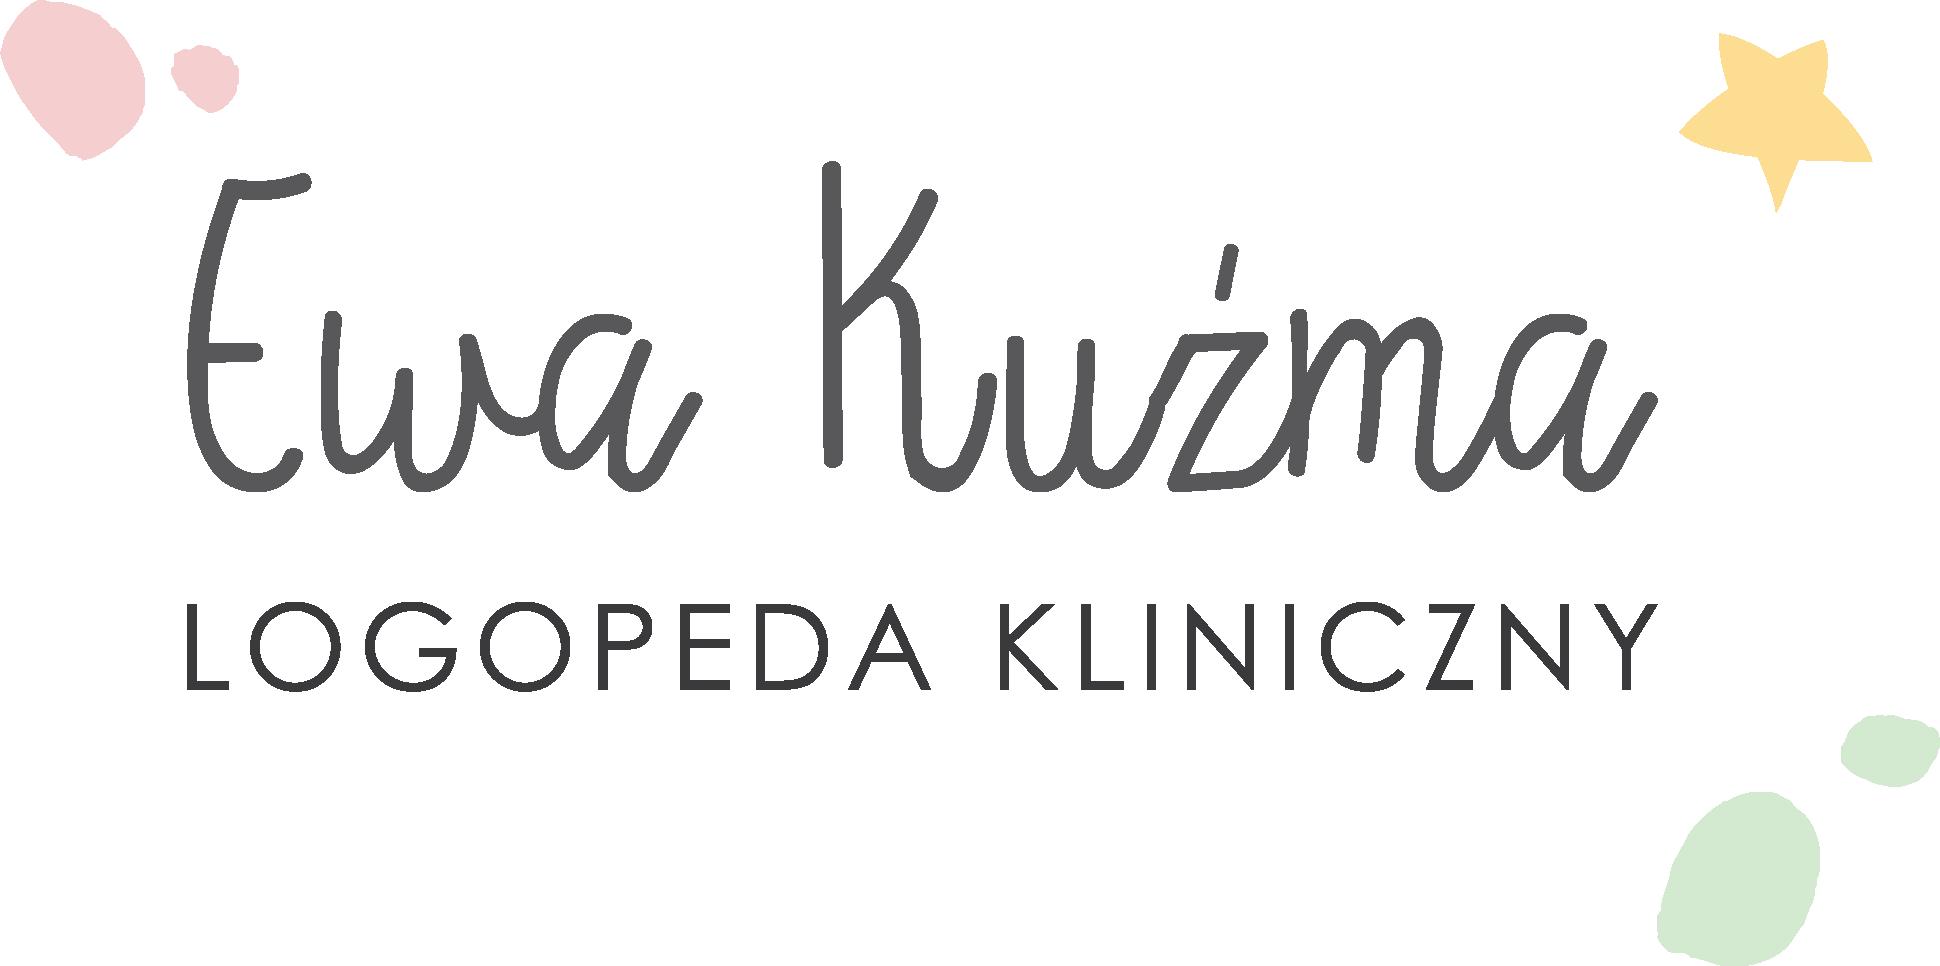 EWA KUŹMA – logopeda kliniczny